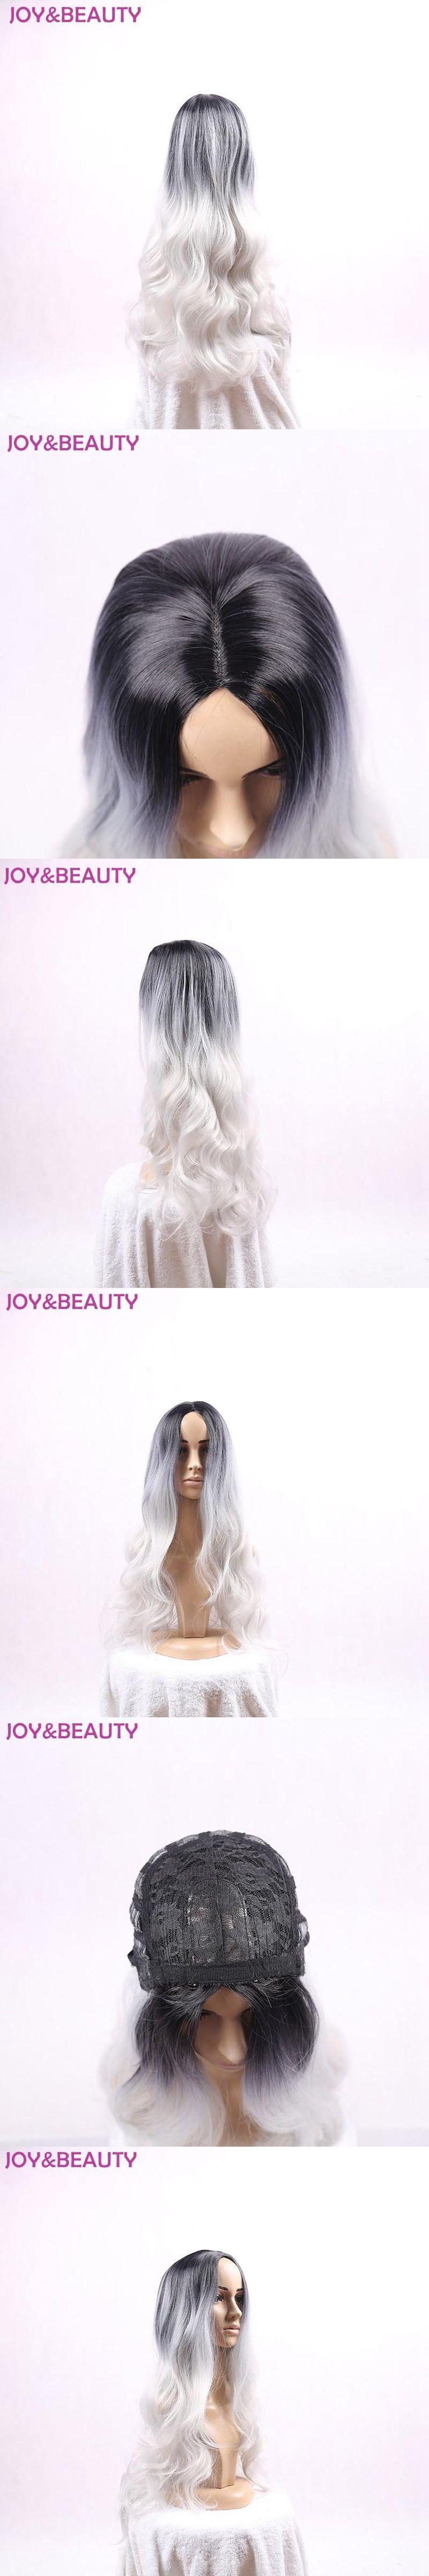 """JOY&BEAUTY Synthetic Hair Heat Resistant Fiber silver Wig Dark Roots 24"""" Women Long Wavy Wig"""